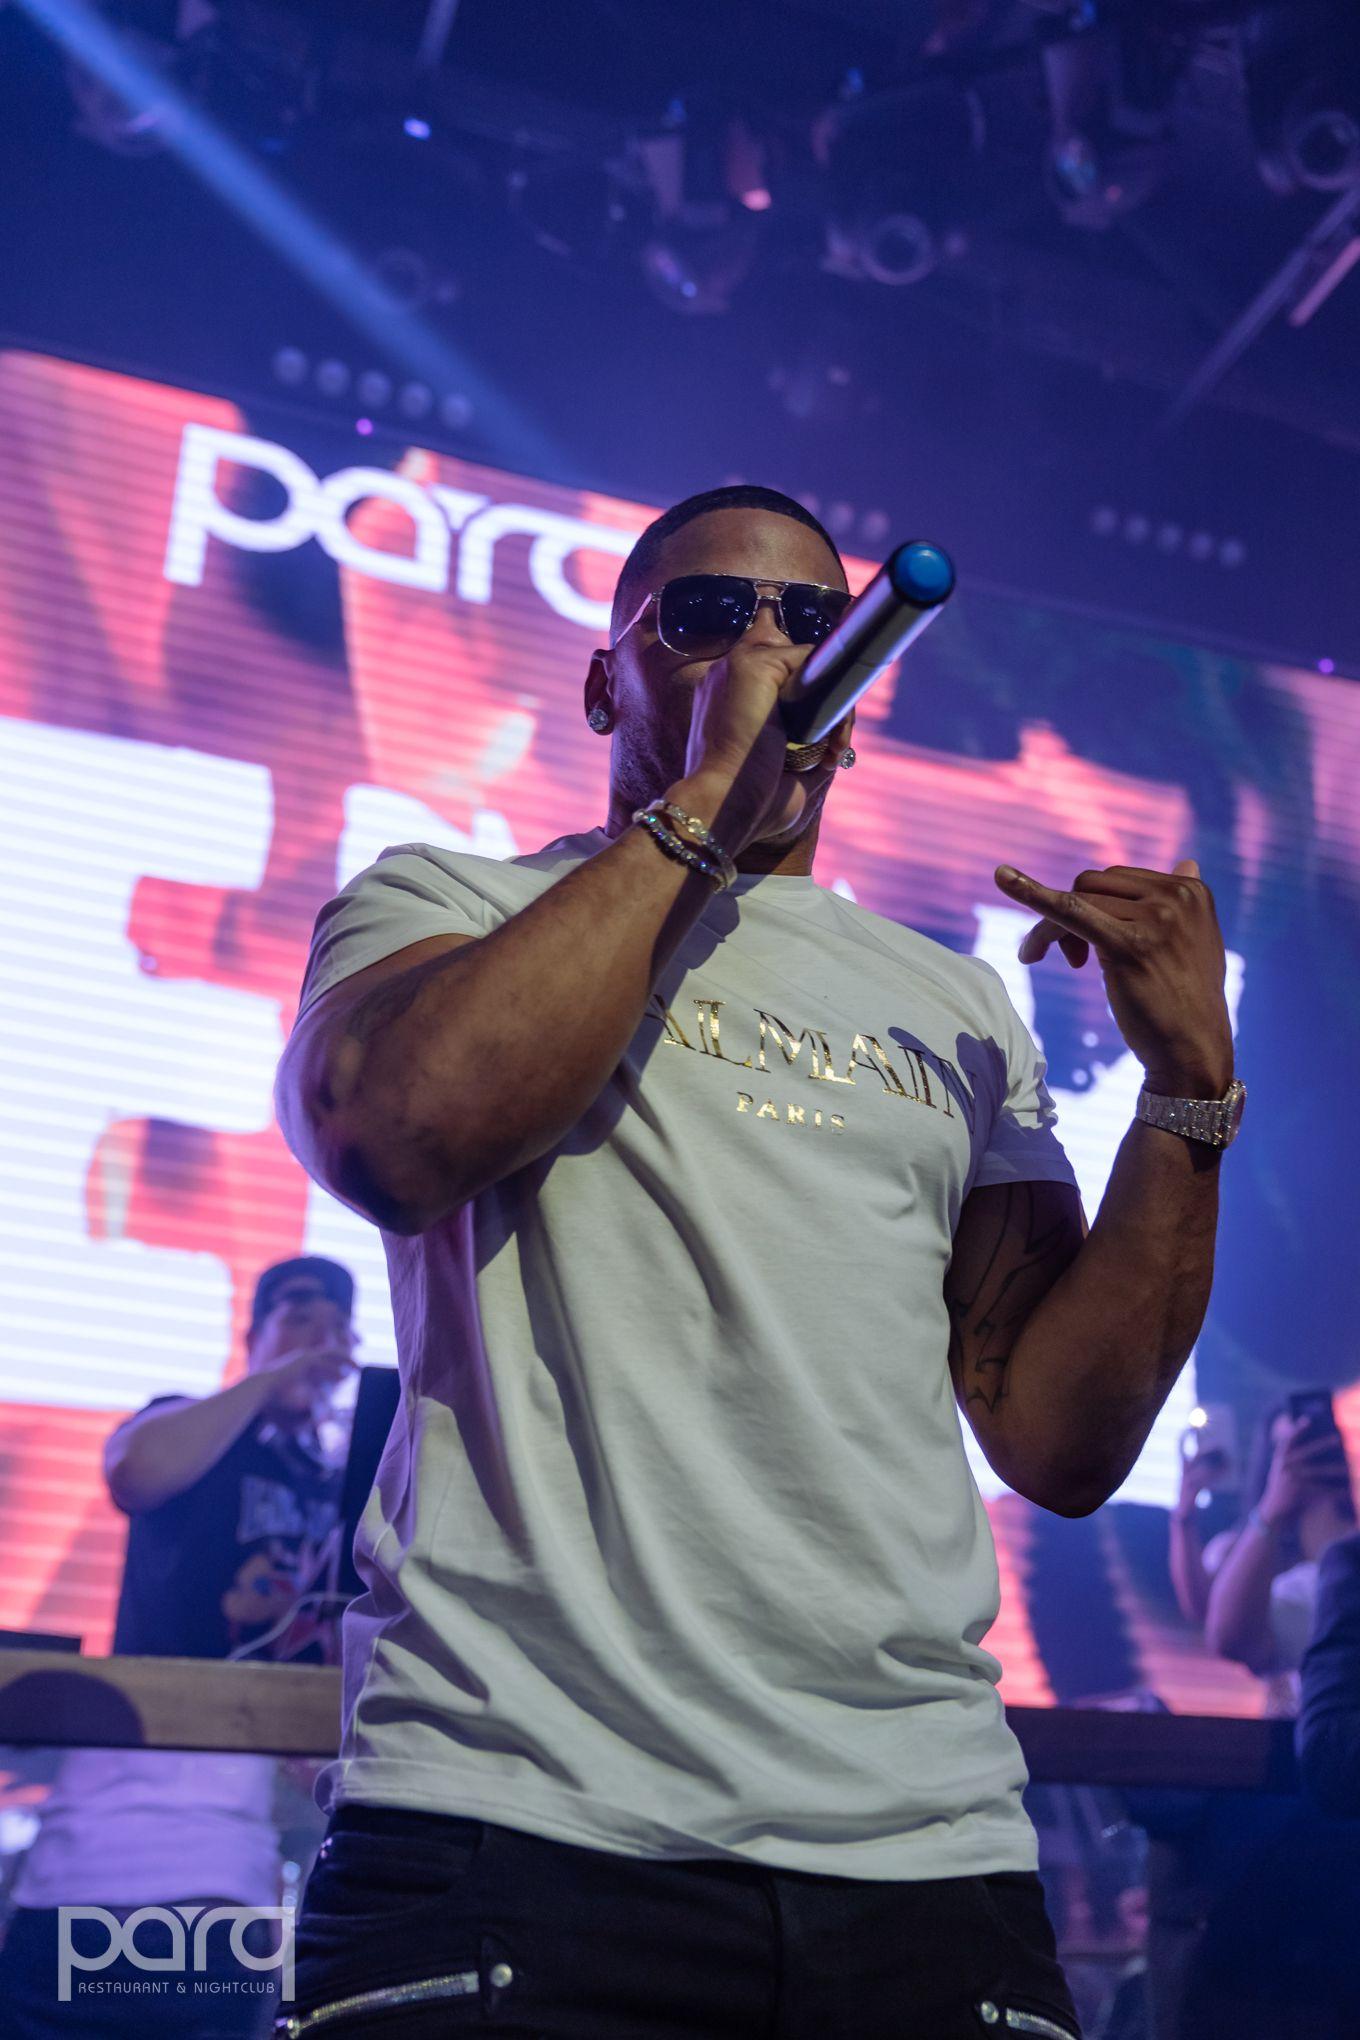 06.14.19 Parq - Nelly-4.jpg